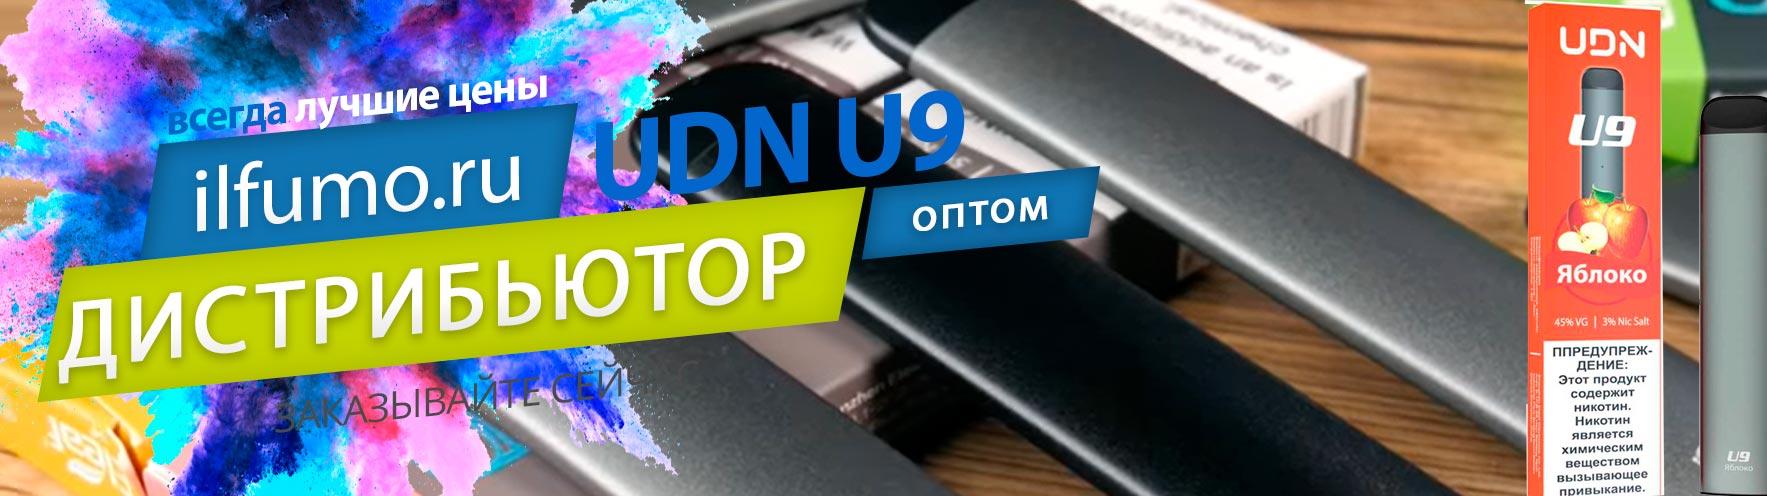 UDN U9 - купить оптом